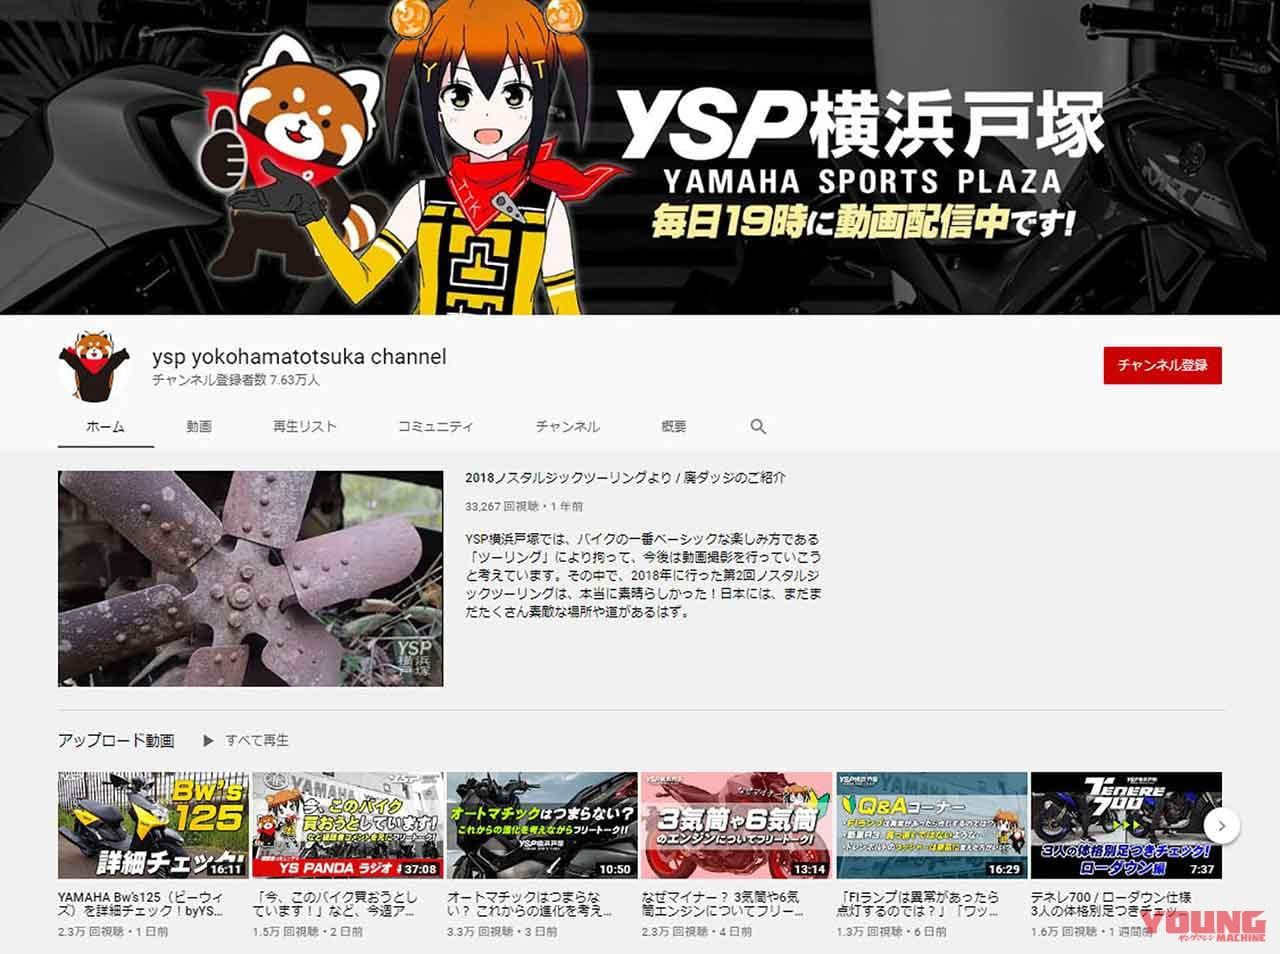 YSP横浜戸塚